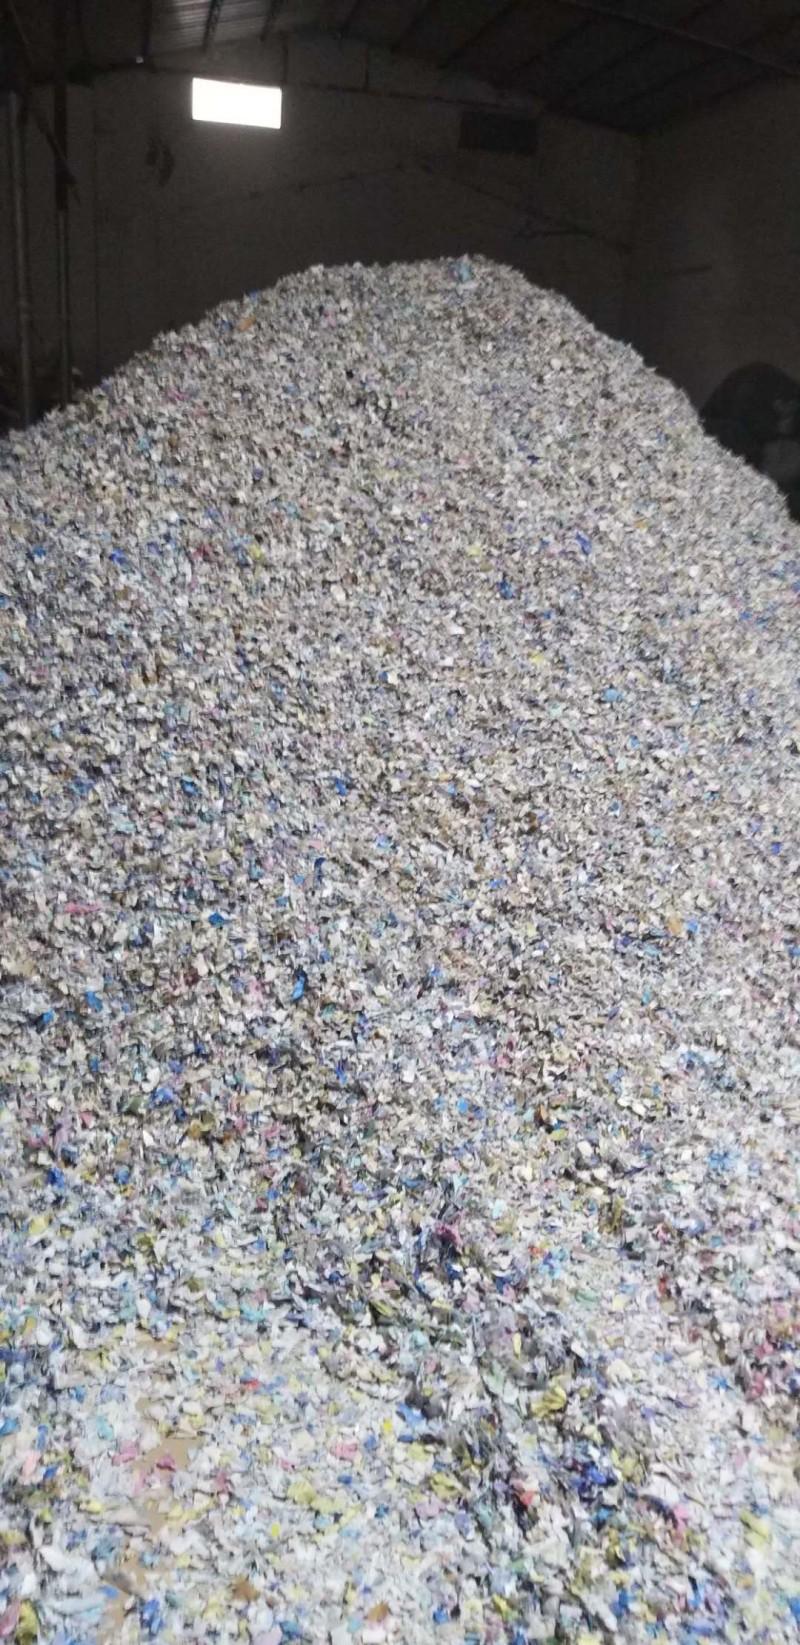 東莞市文件銷毀回收全程監 督 銷毀